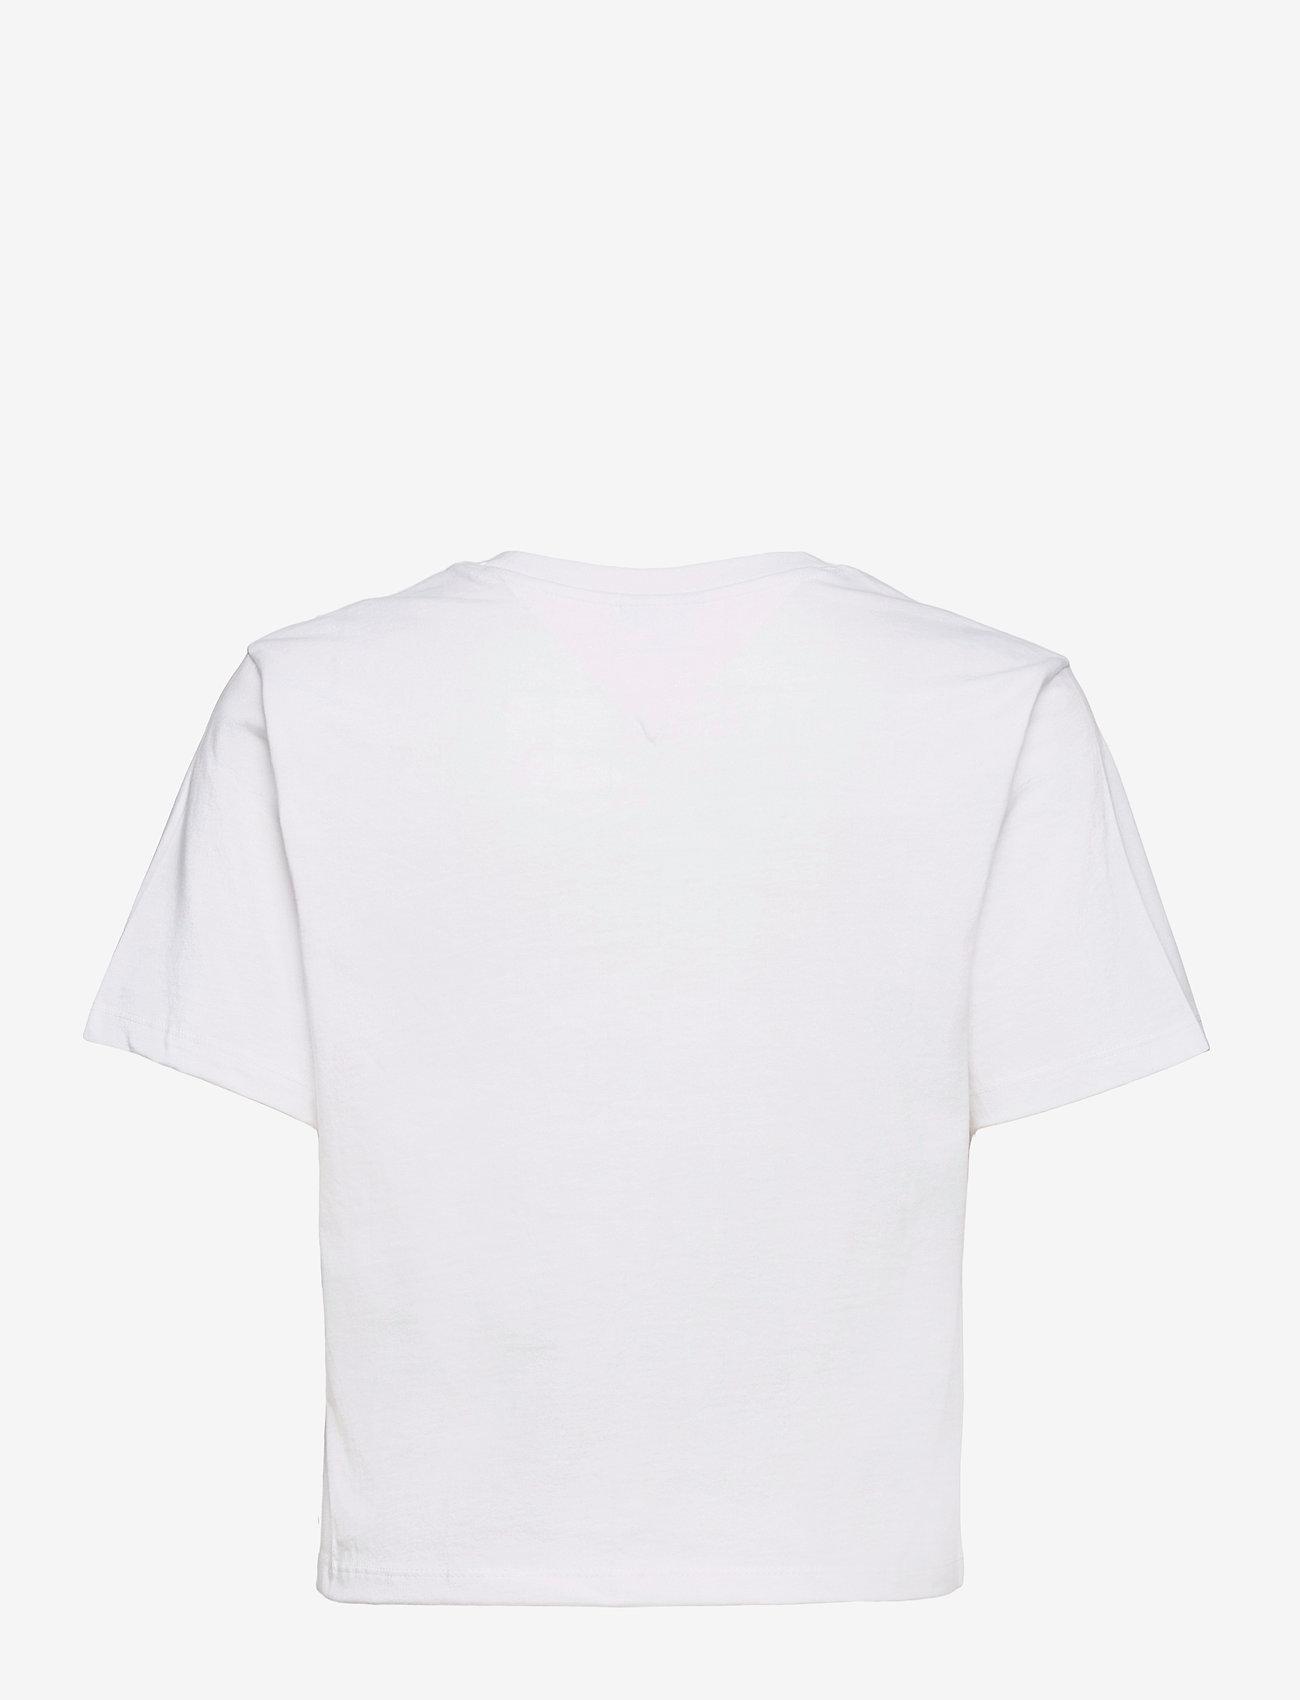 Tommy Jeans - TJW BXY CROP LINEAR LOGO TEE - crop tops - white - 1